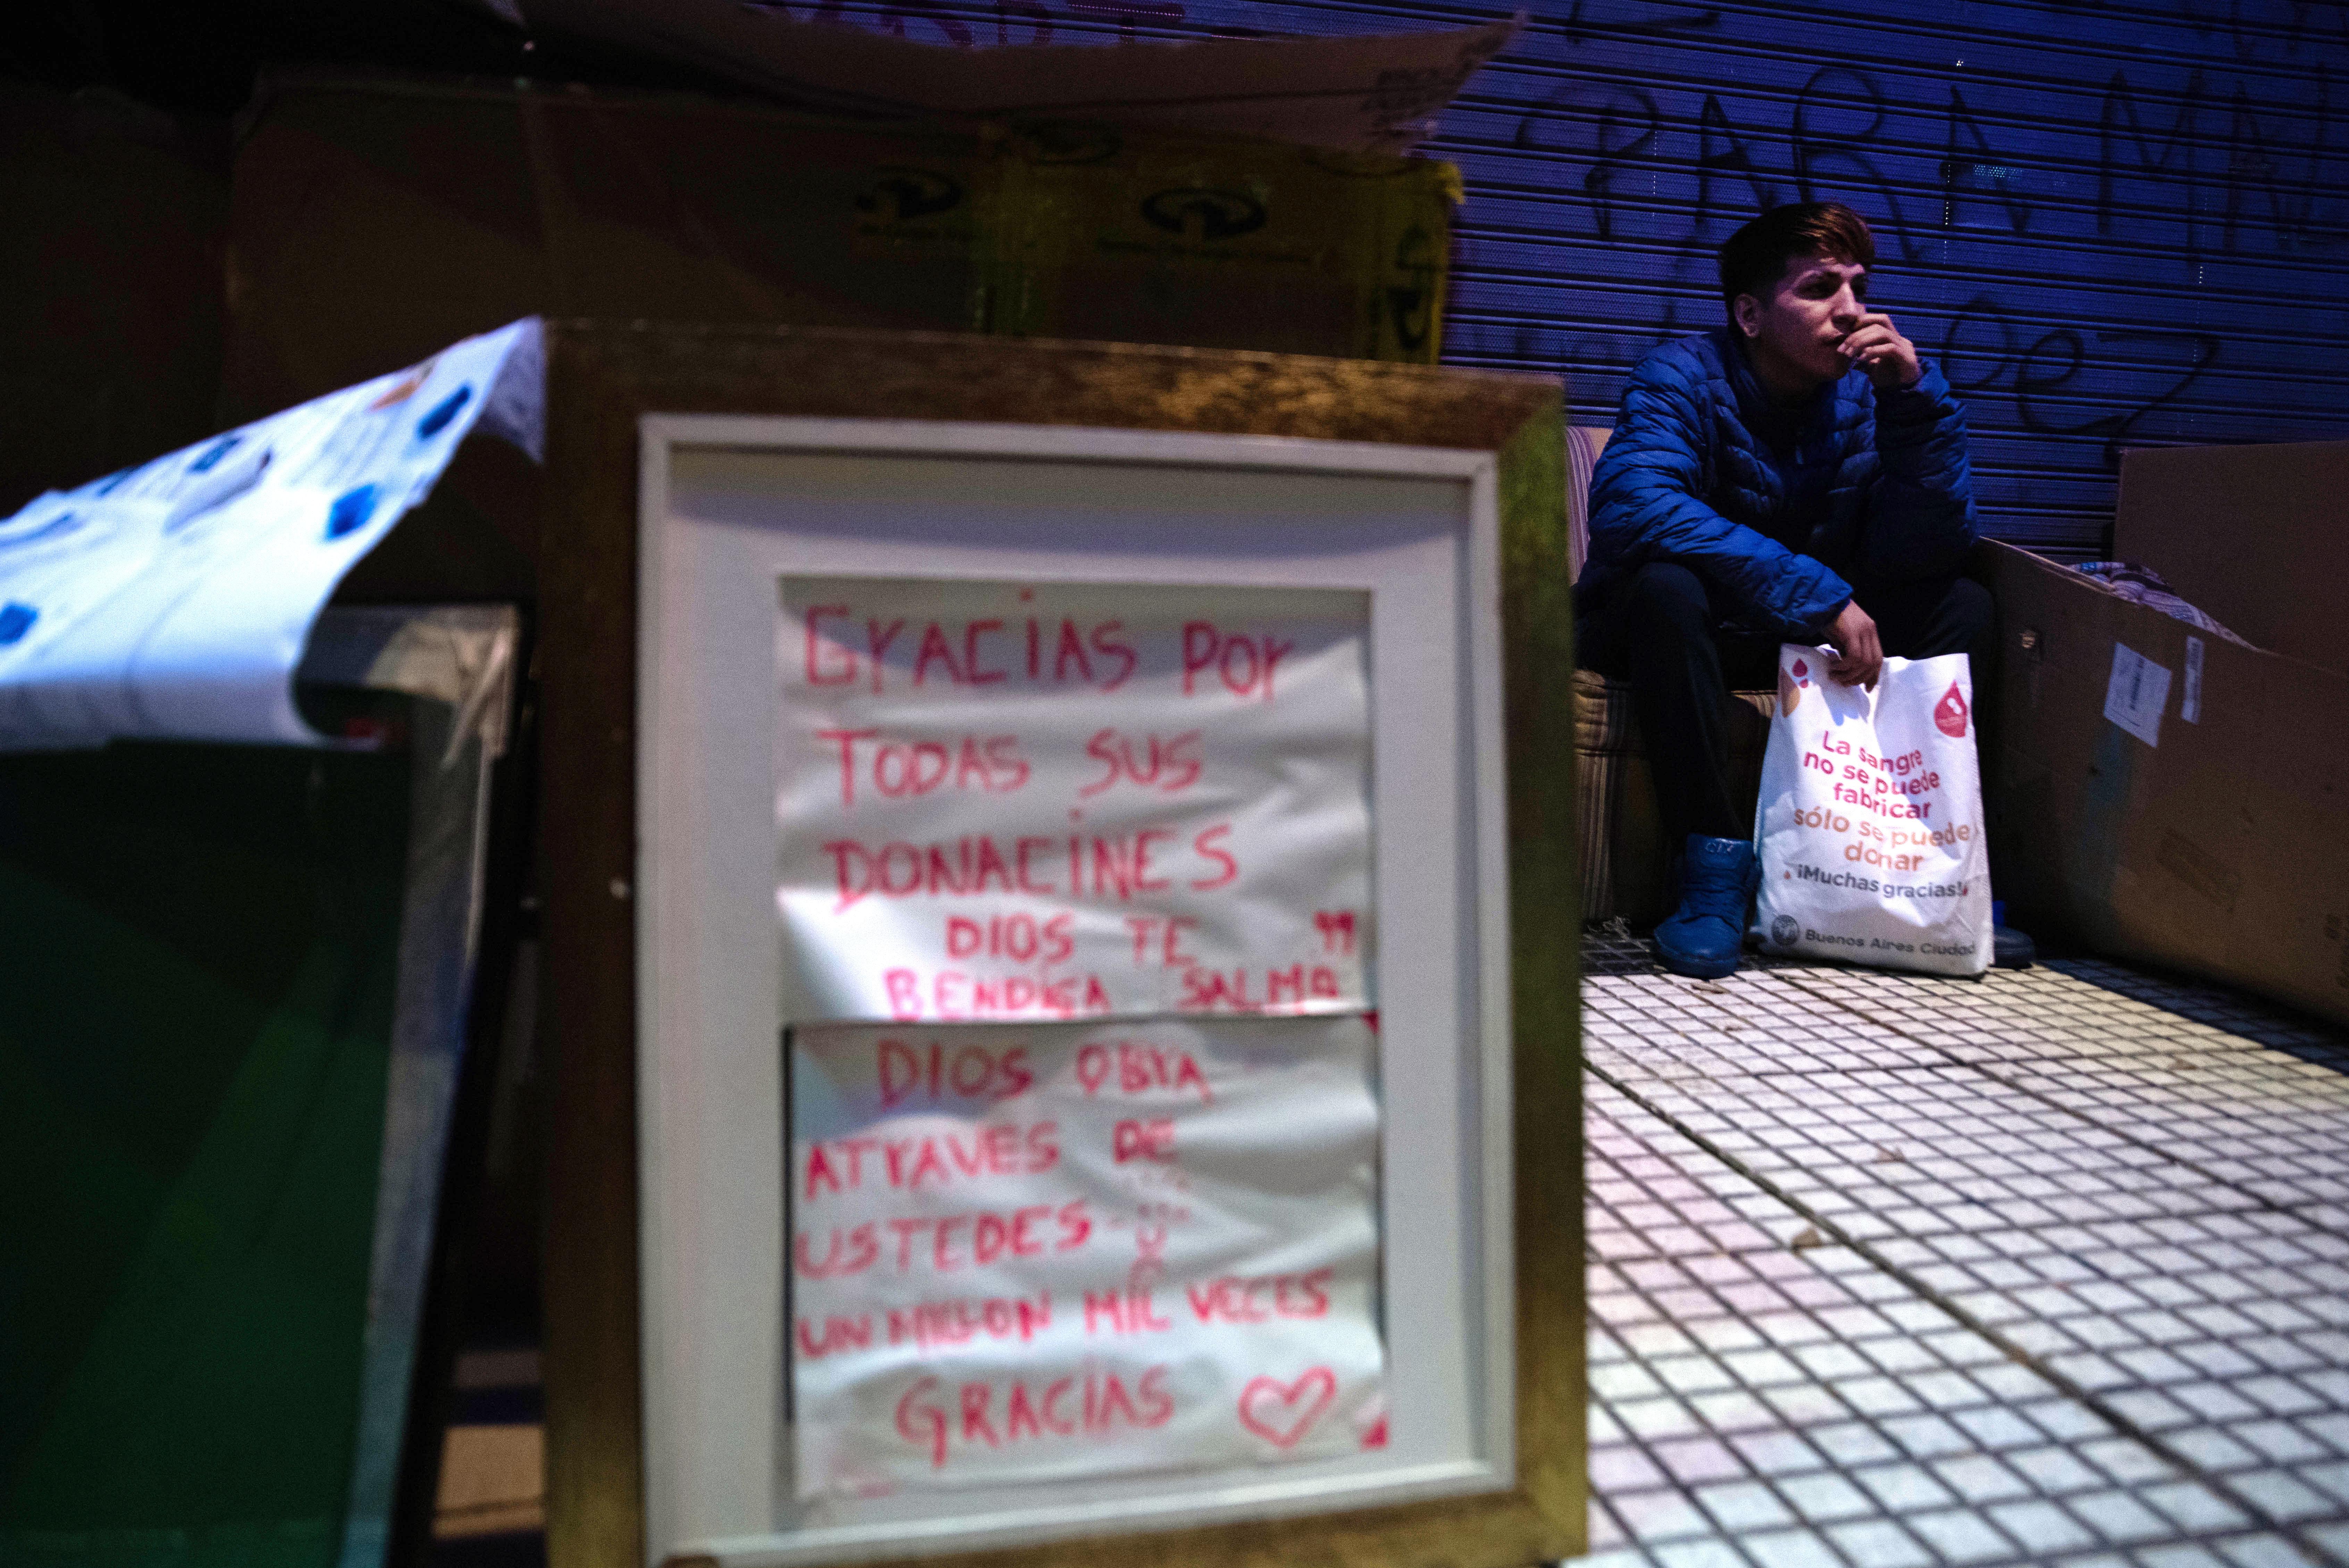 La mayoría de las personas en situación de calle vive de la solidaridad de los otros: personas que les llevan comida y ropa, alguien que les habilita una changa, restaurantes que les regalan los platos que sobran. Pero con la pandemia, los